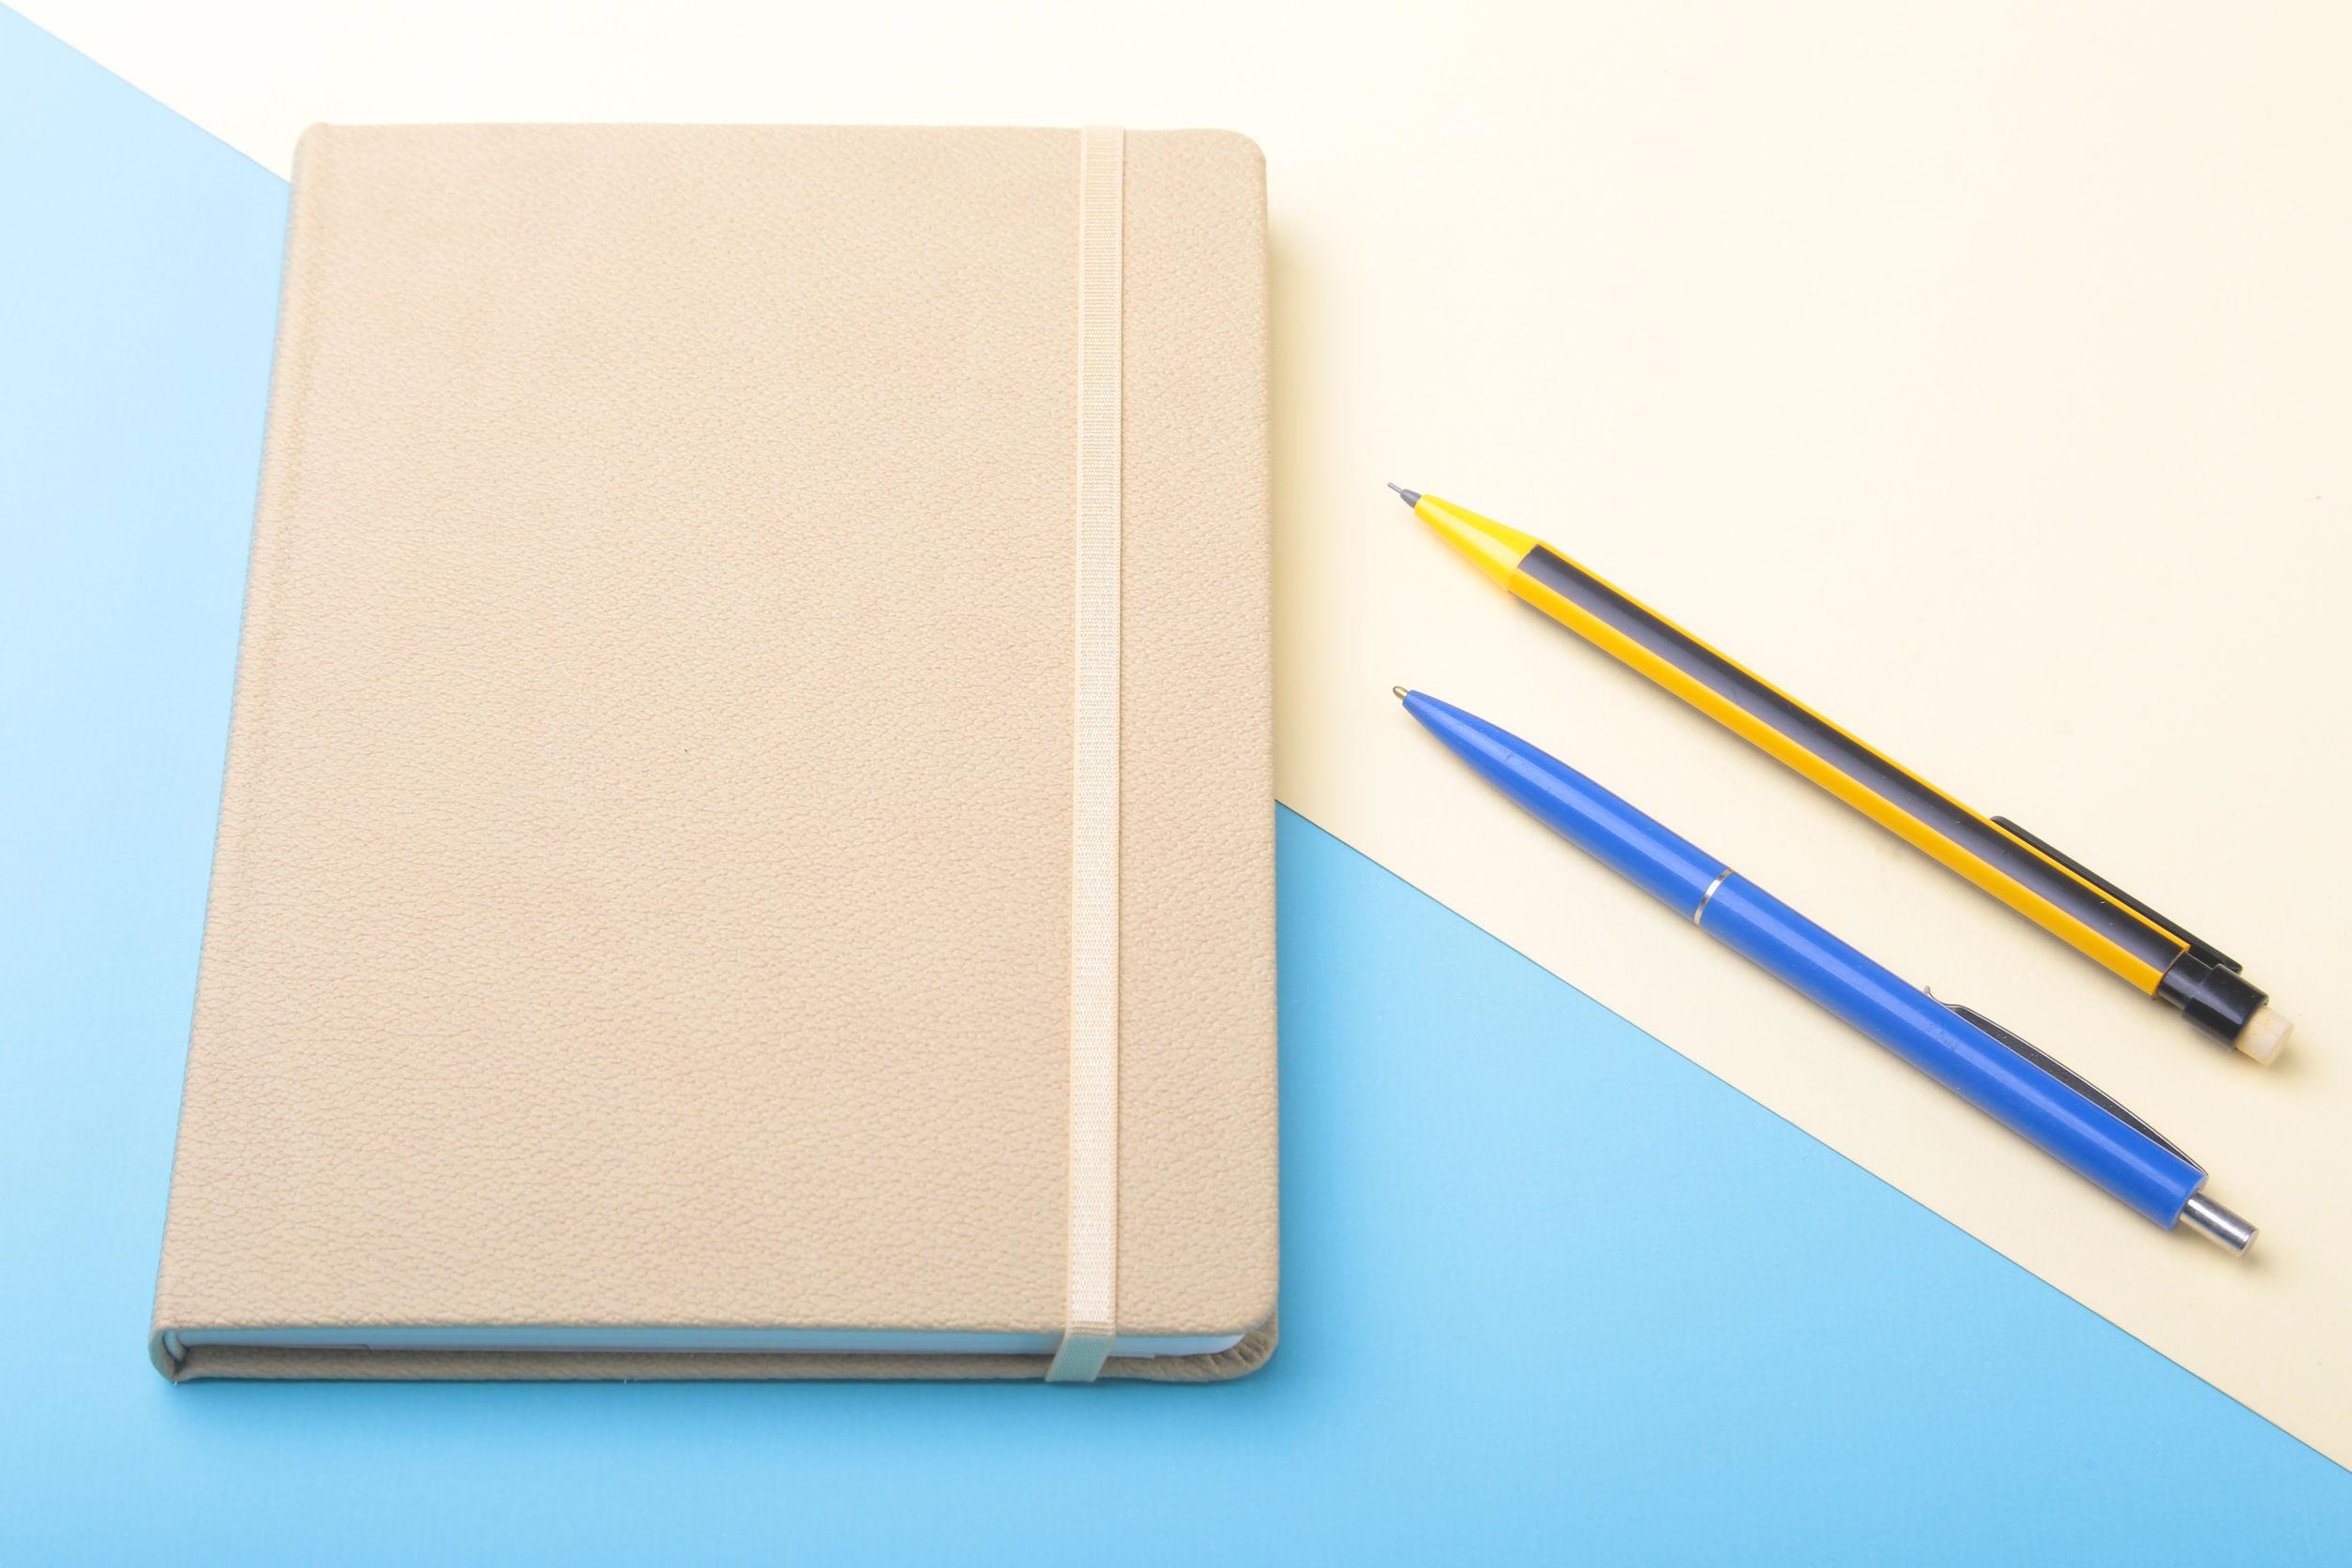 Cuaderno inteligente: ¿Cuál es el mejor del 2020?